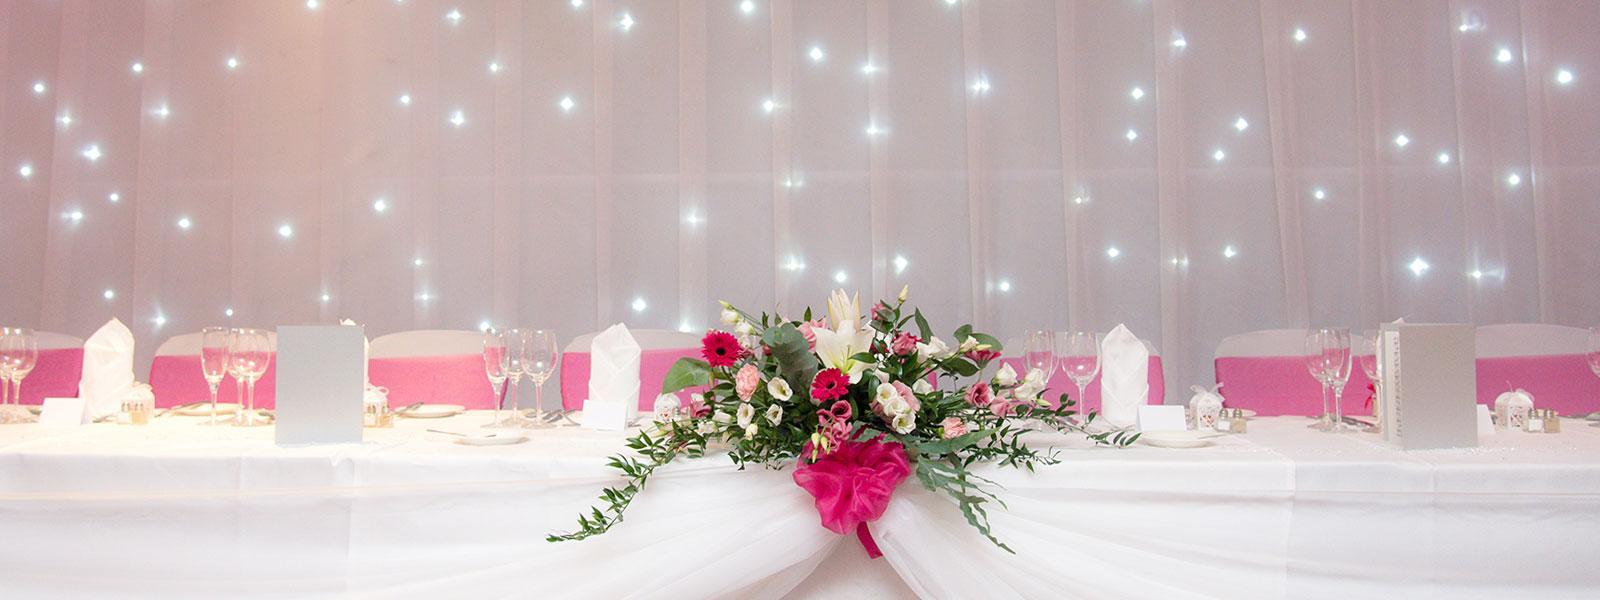 Thorpe Park - wedding venue - reception top table